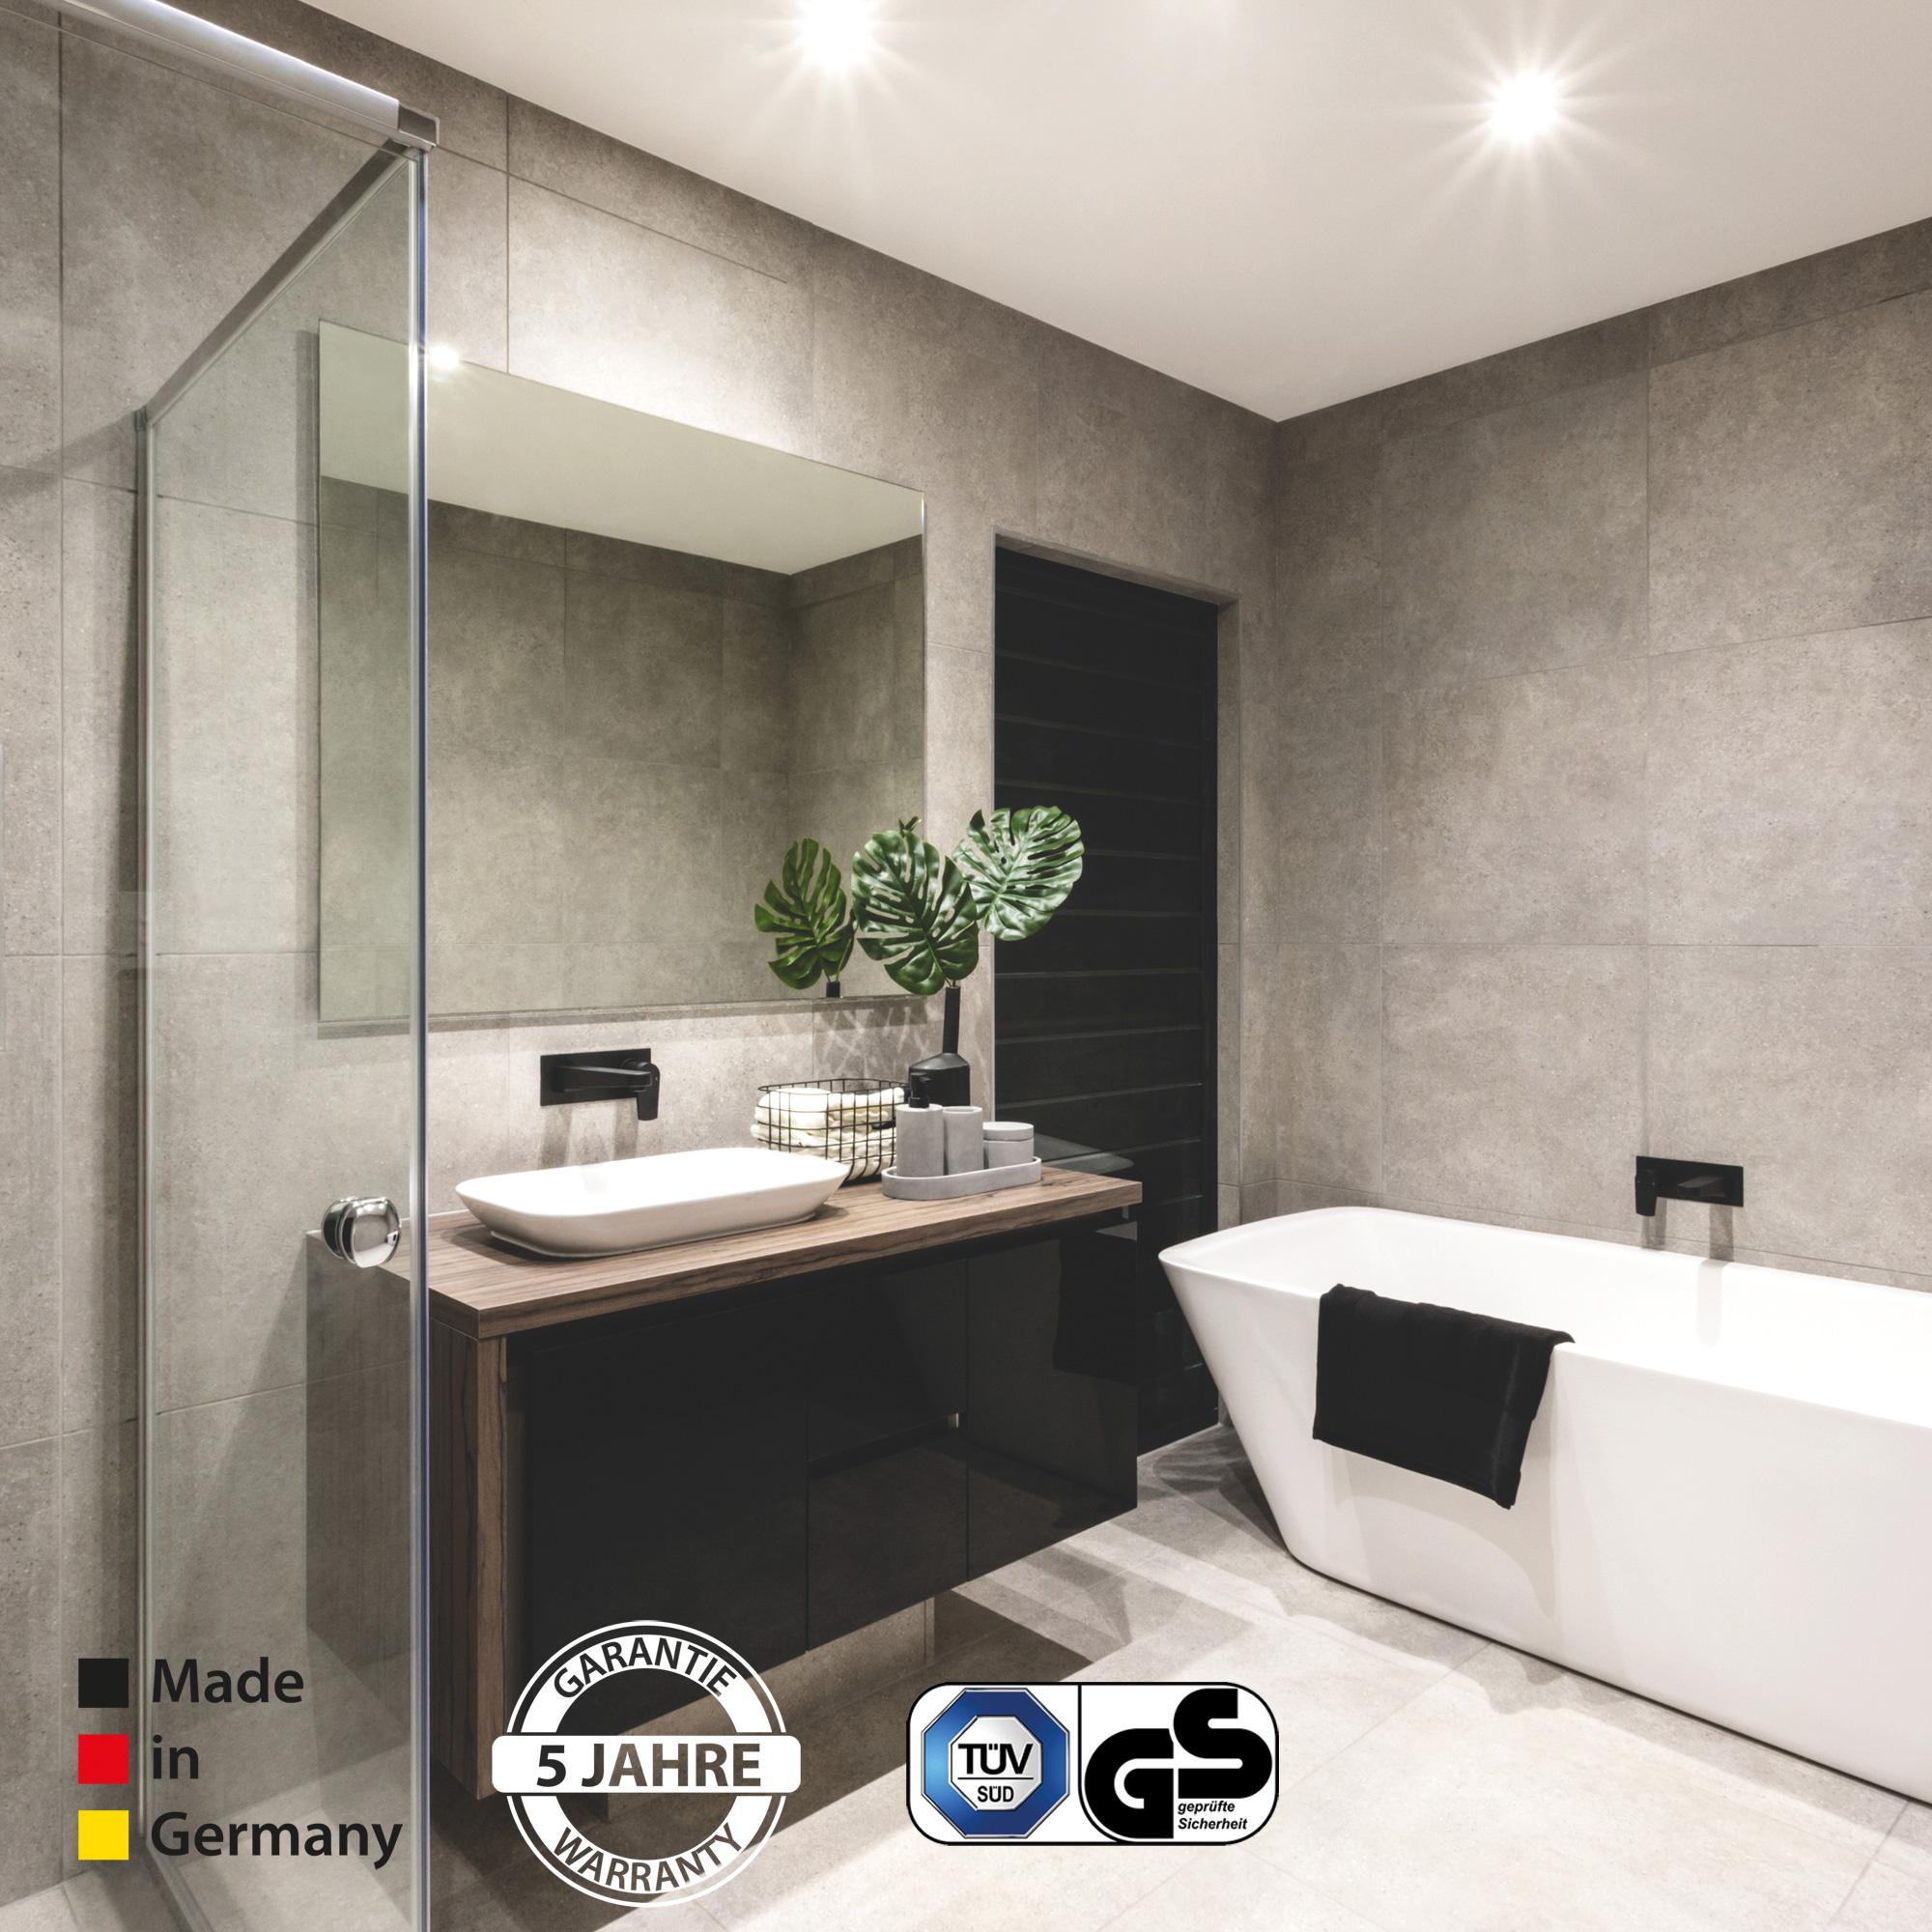 Eine Spiegelheizung stellt die perfekte Wärmewellenheizung fürs Bad dar